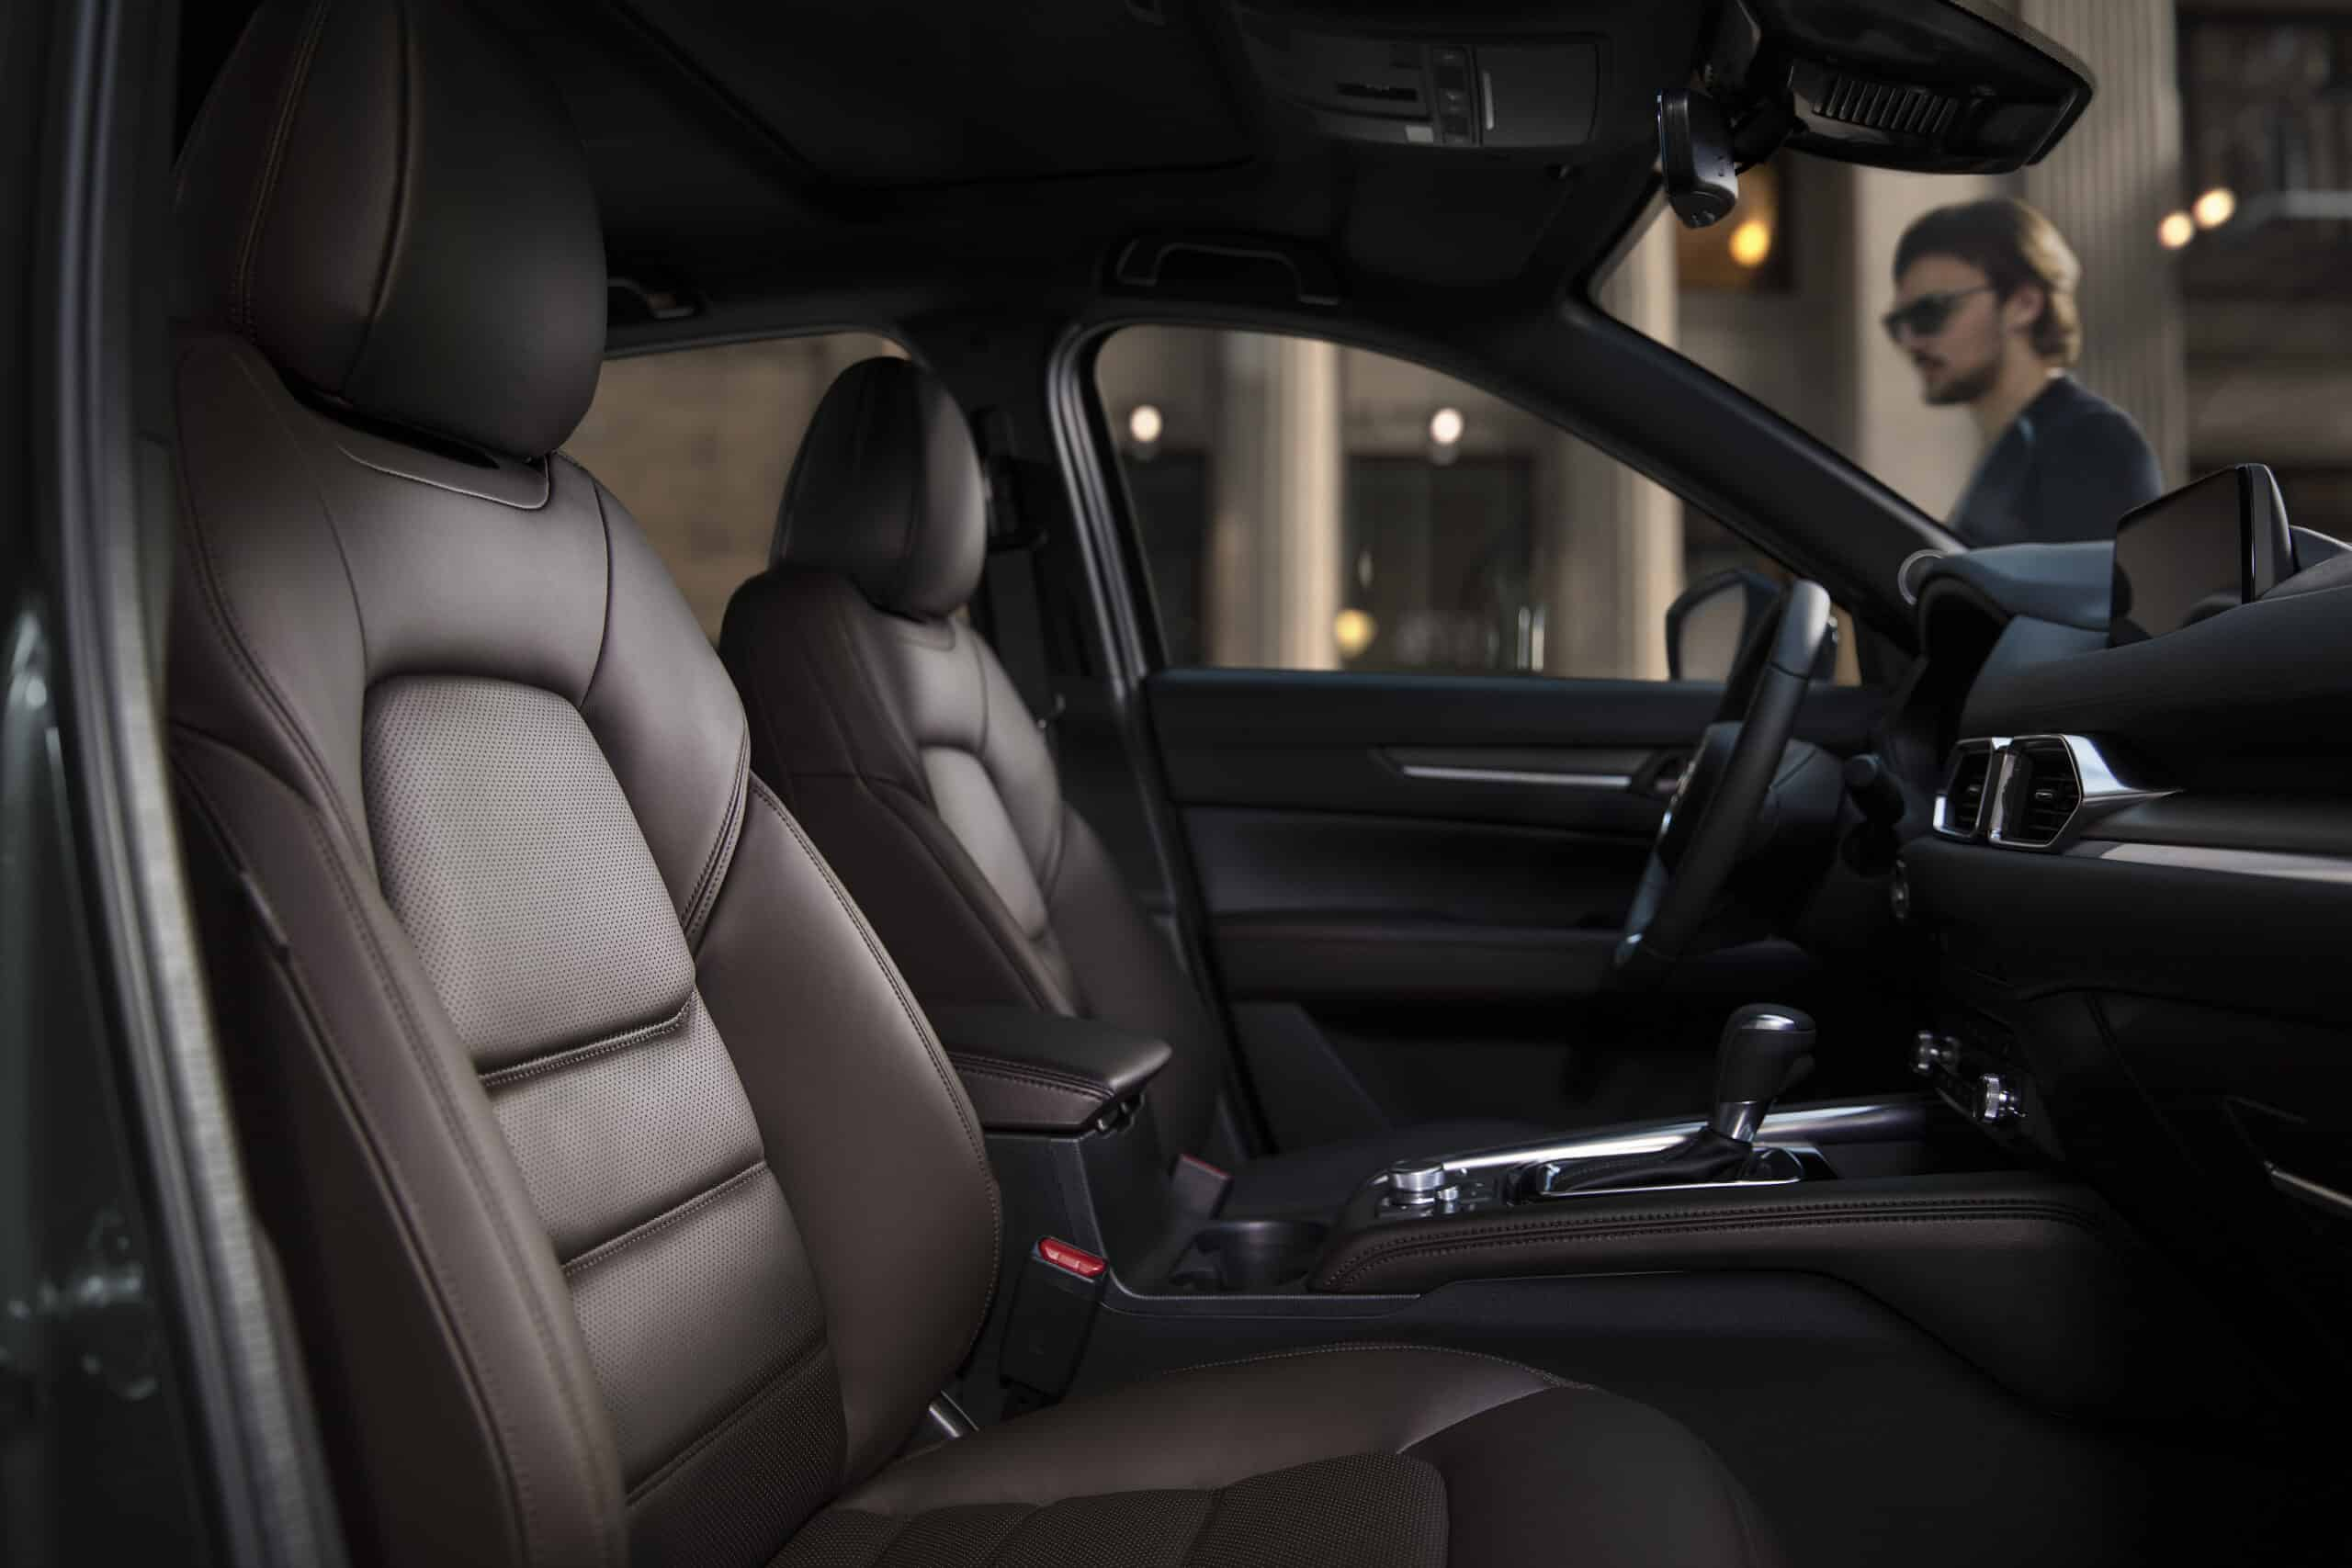 Sièges du Mazda CX-5 2020